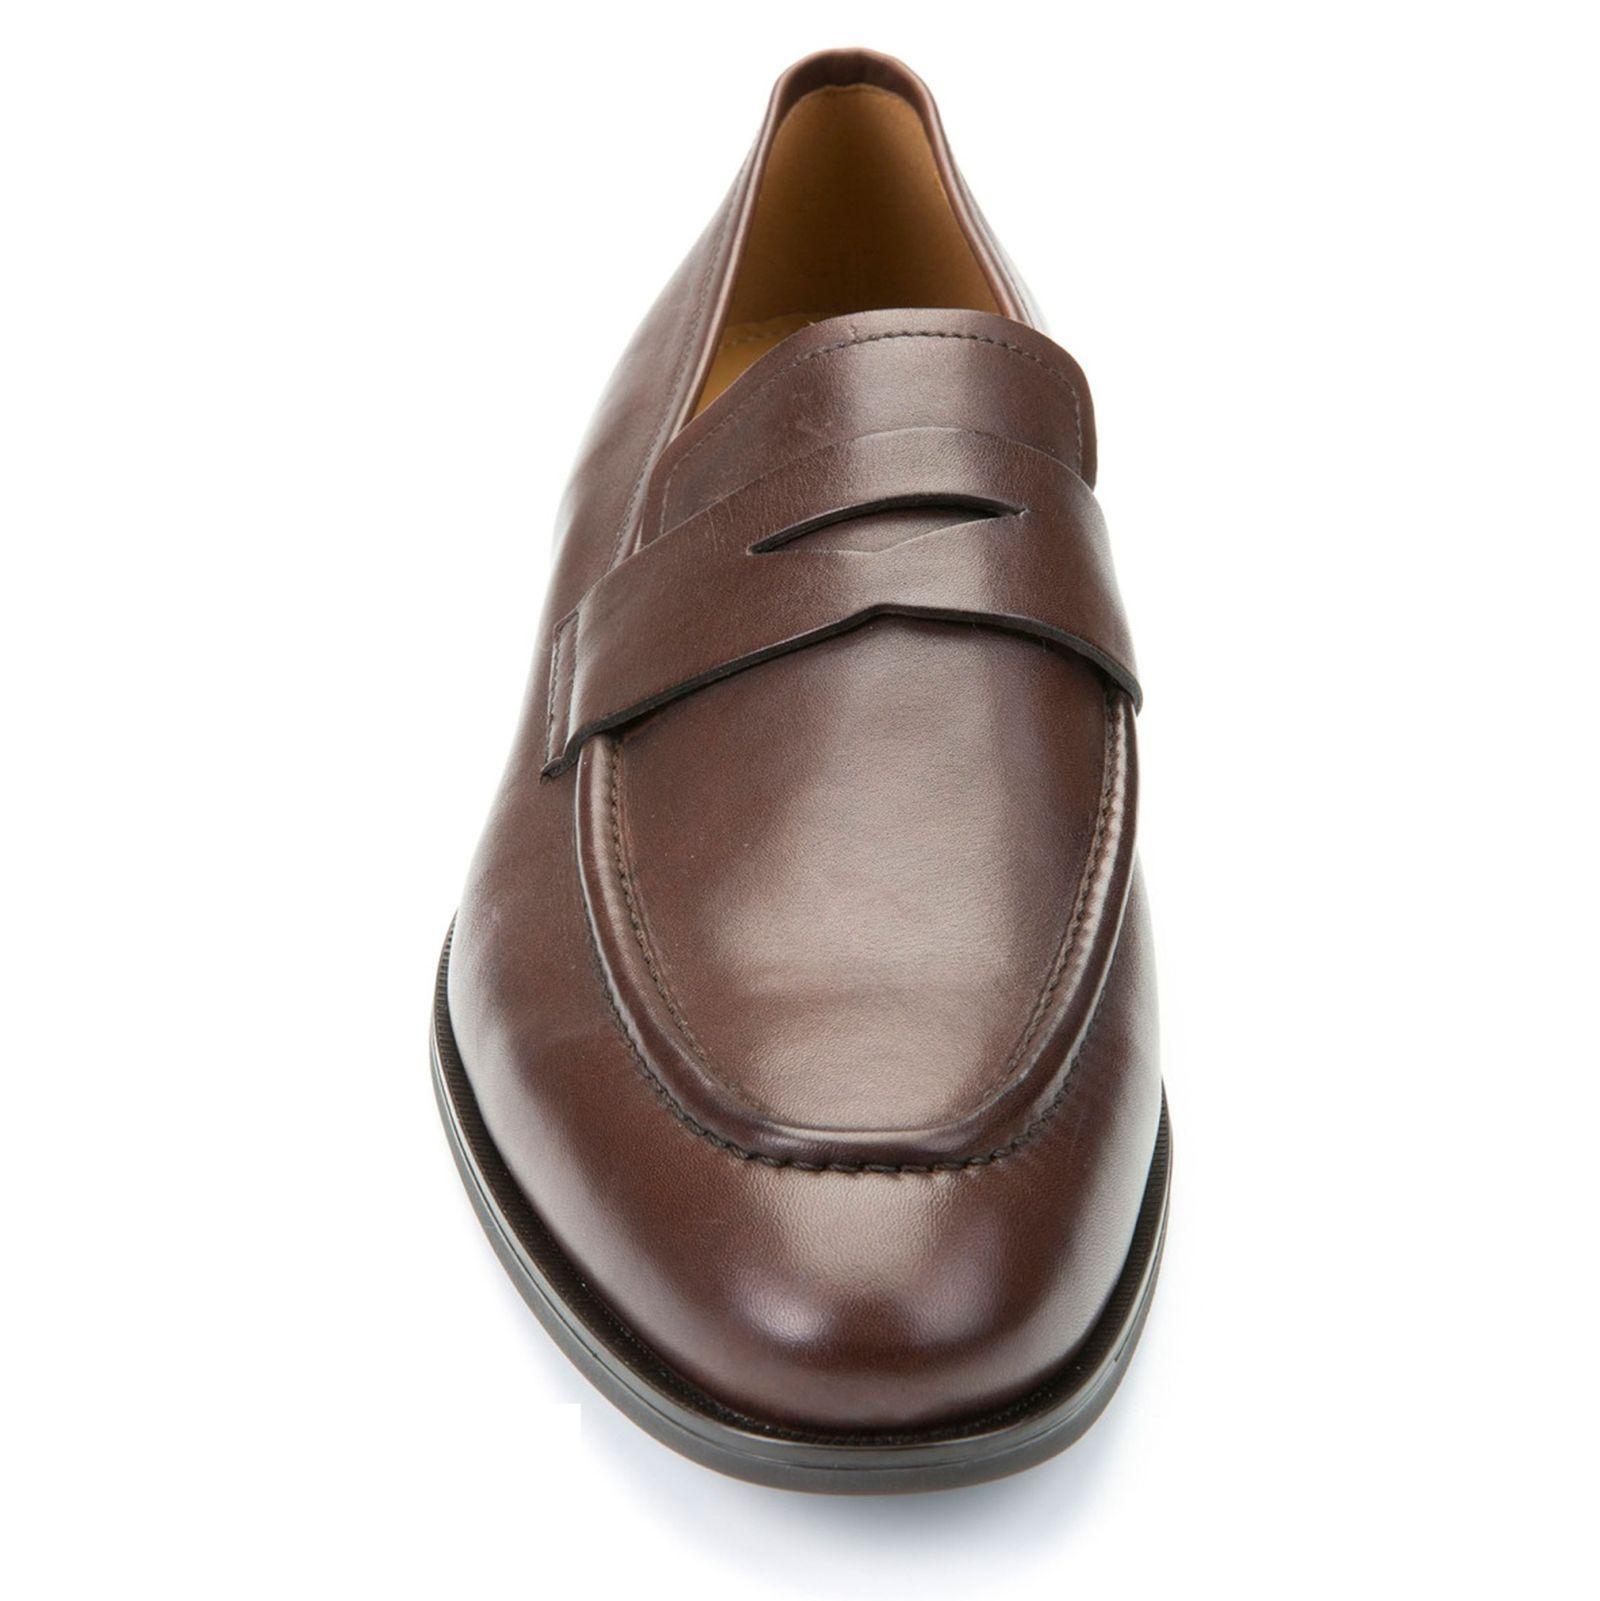 کفش رسمی چرم مردانه - جی اوکس - قهوه اي - 4